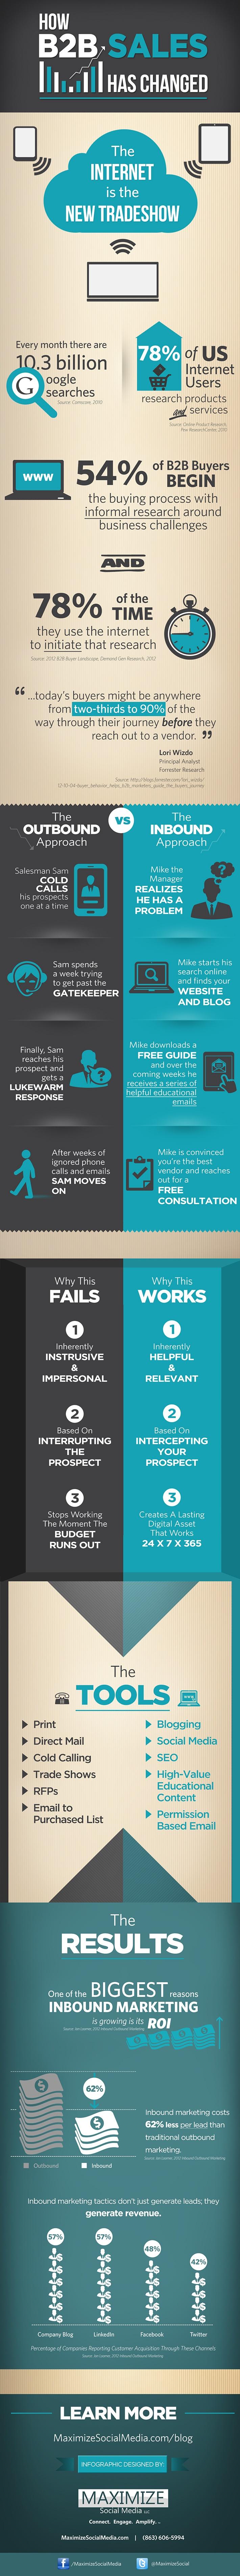 Infographic: verandering van sales in B2B